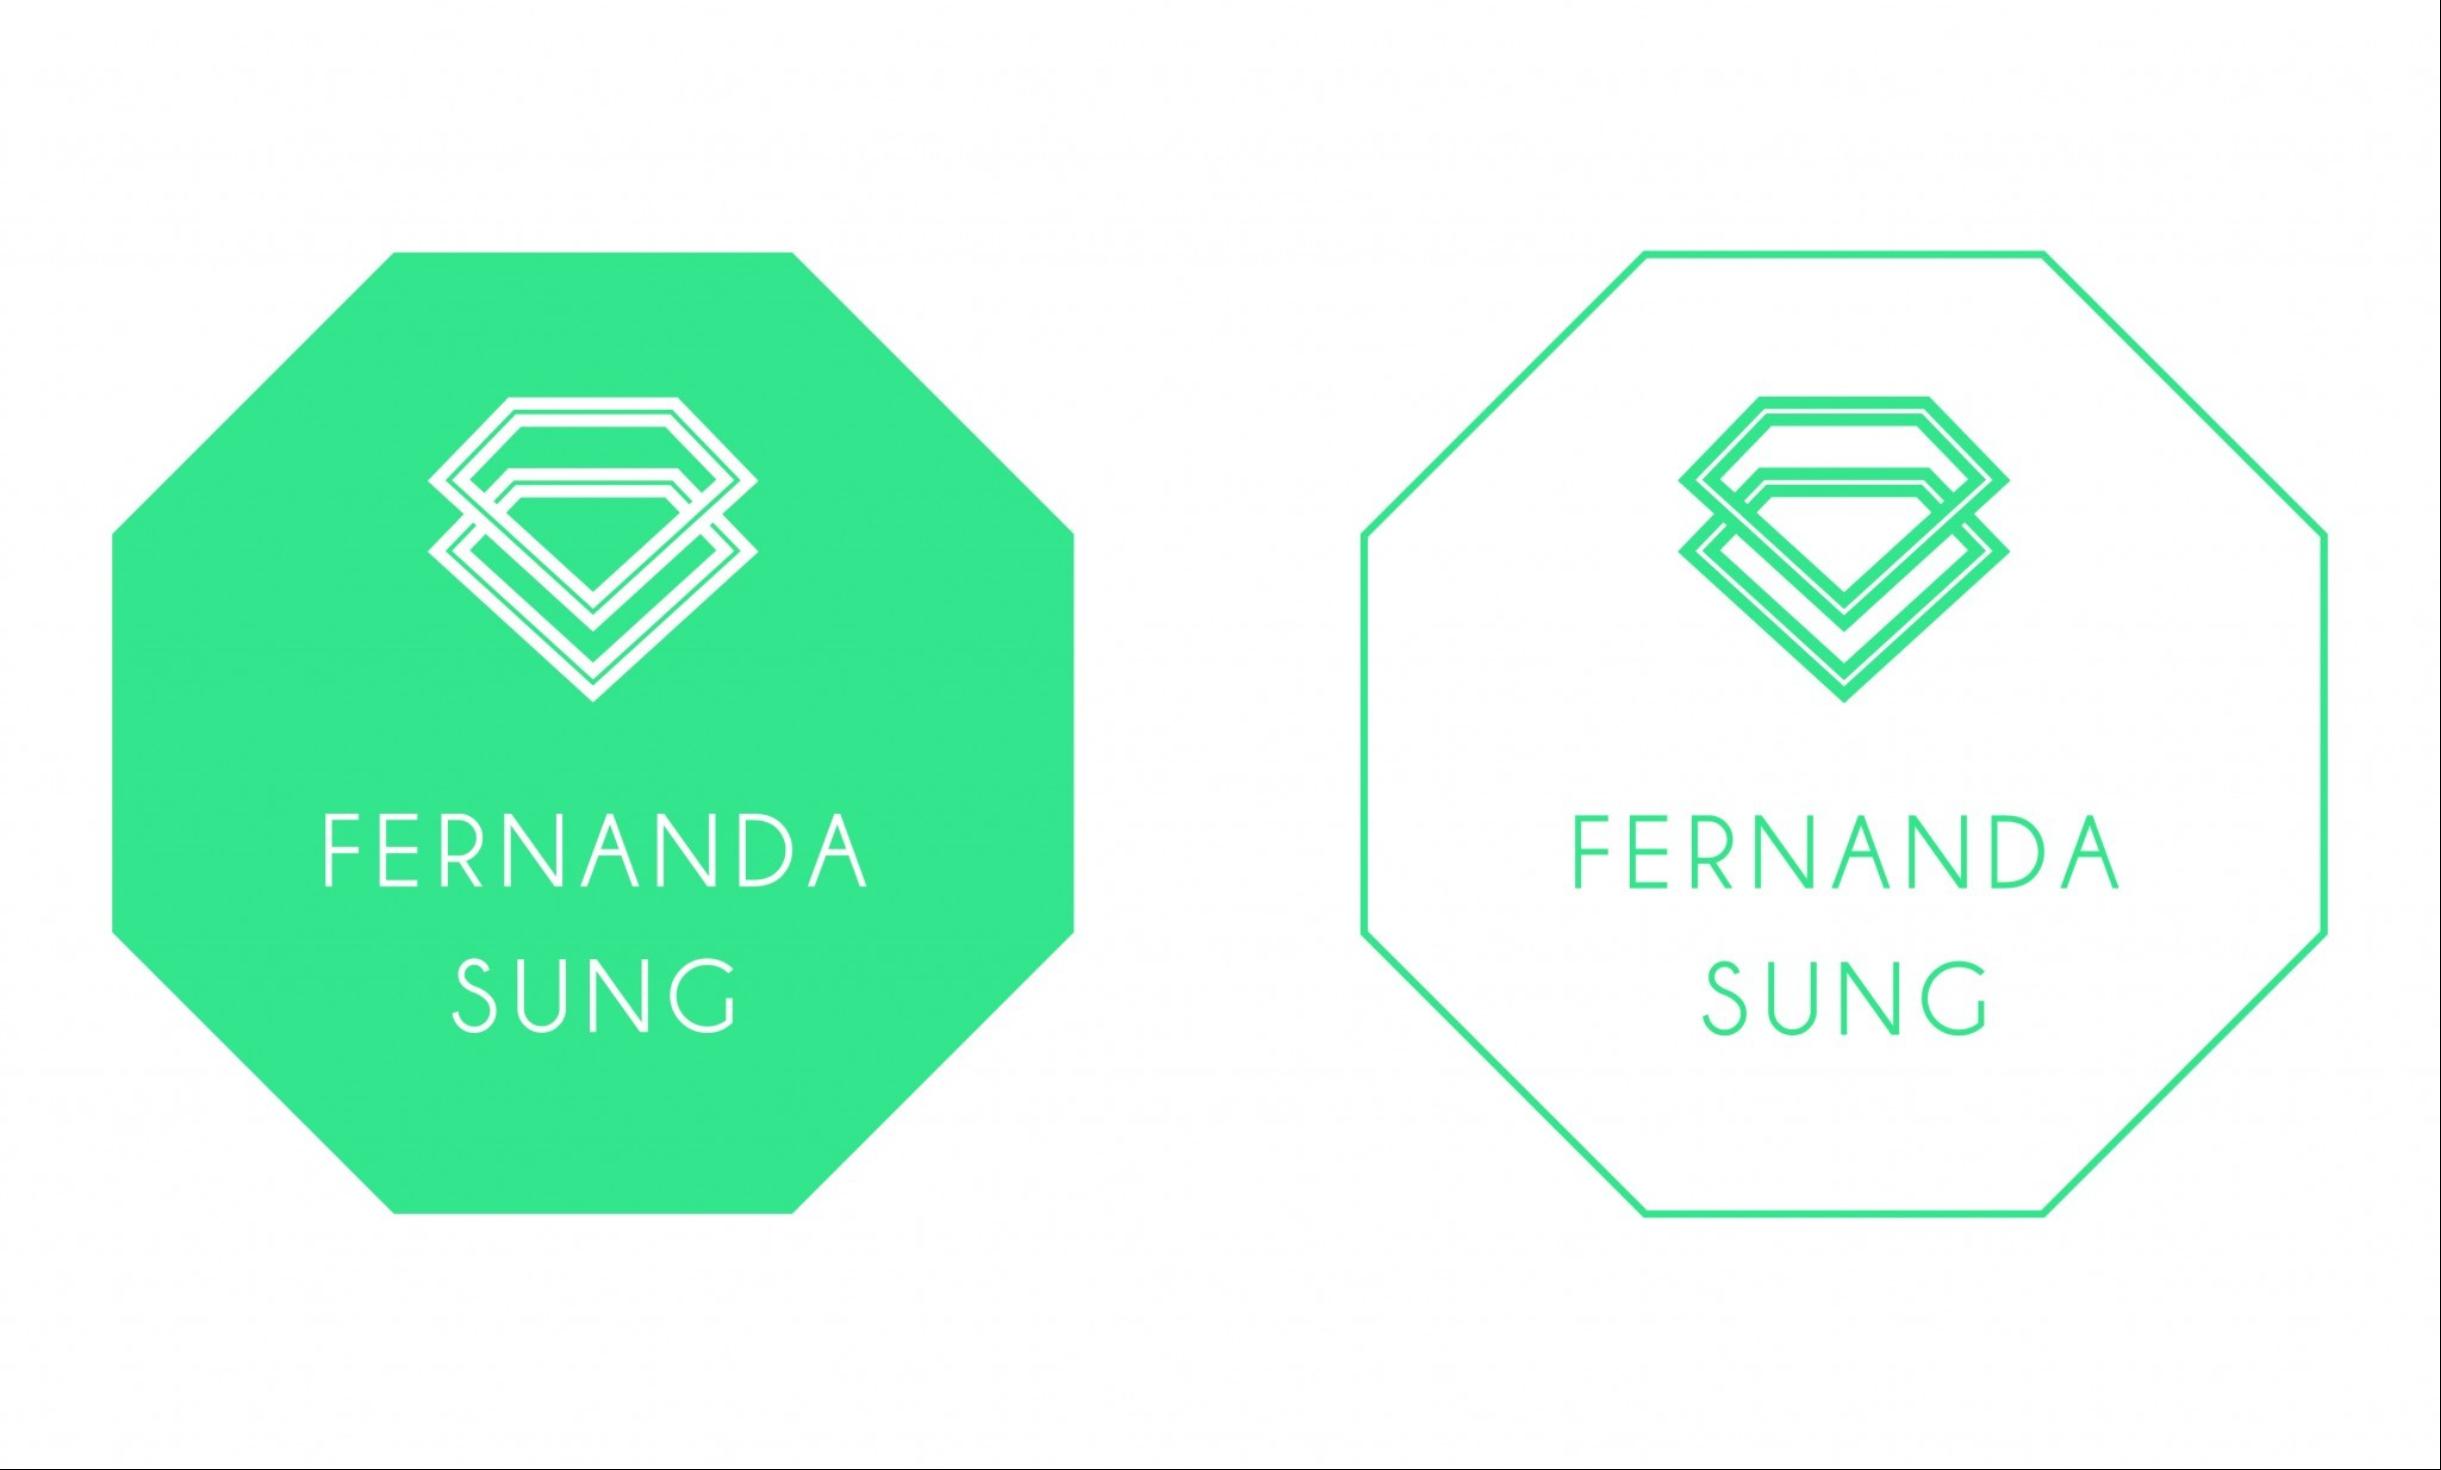 Fernanda logos